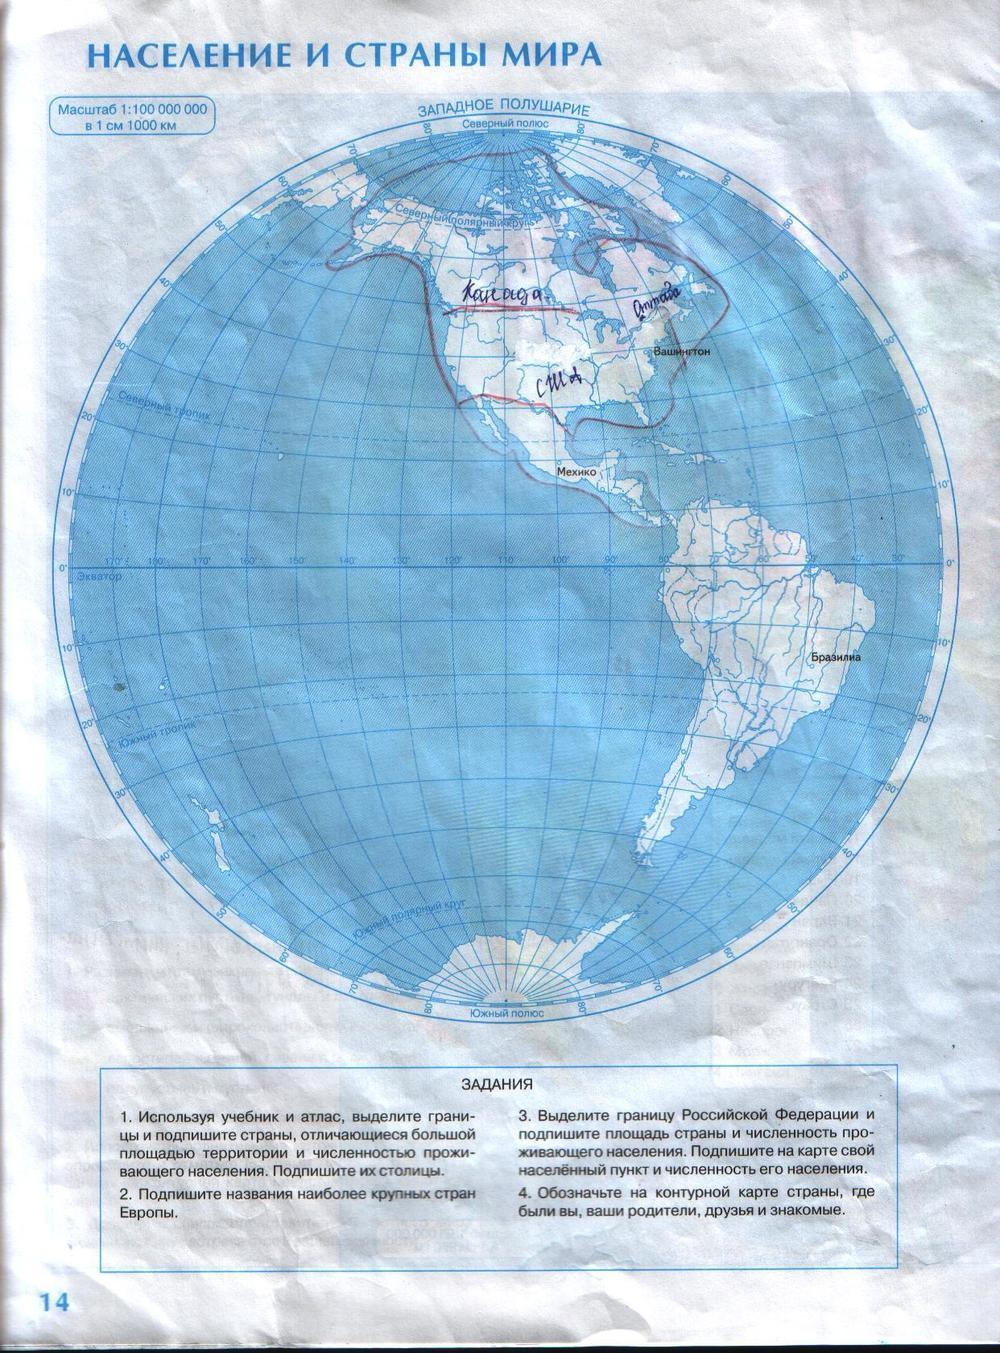 Гдз По Контурной Карте География 6 Класс Население И Страны Мира